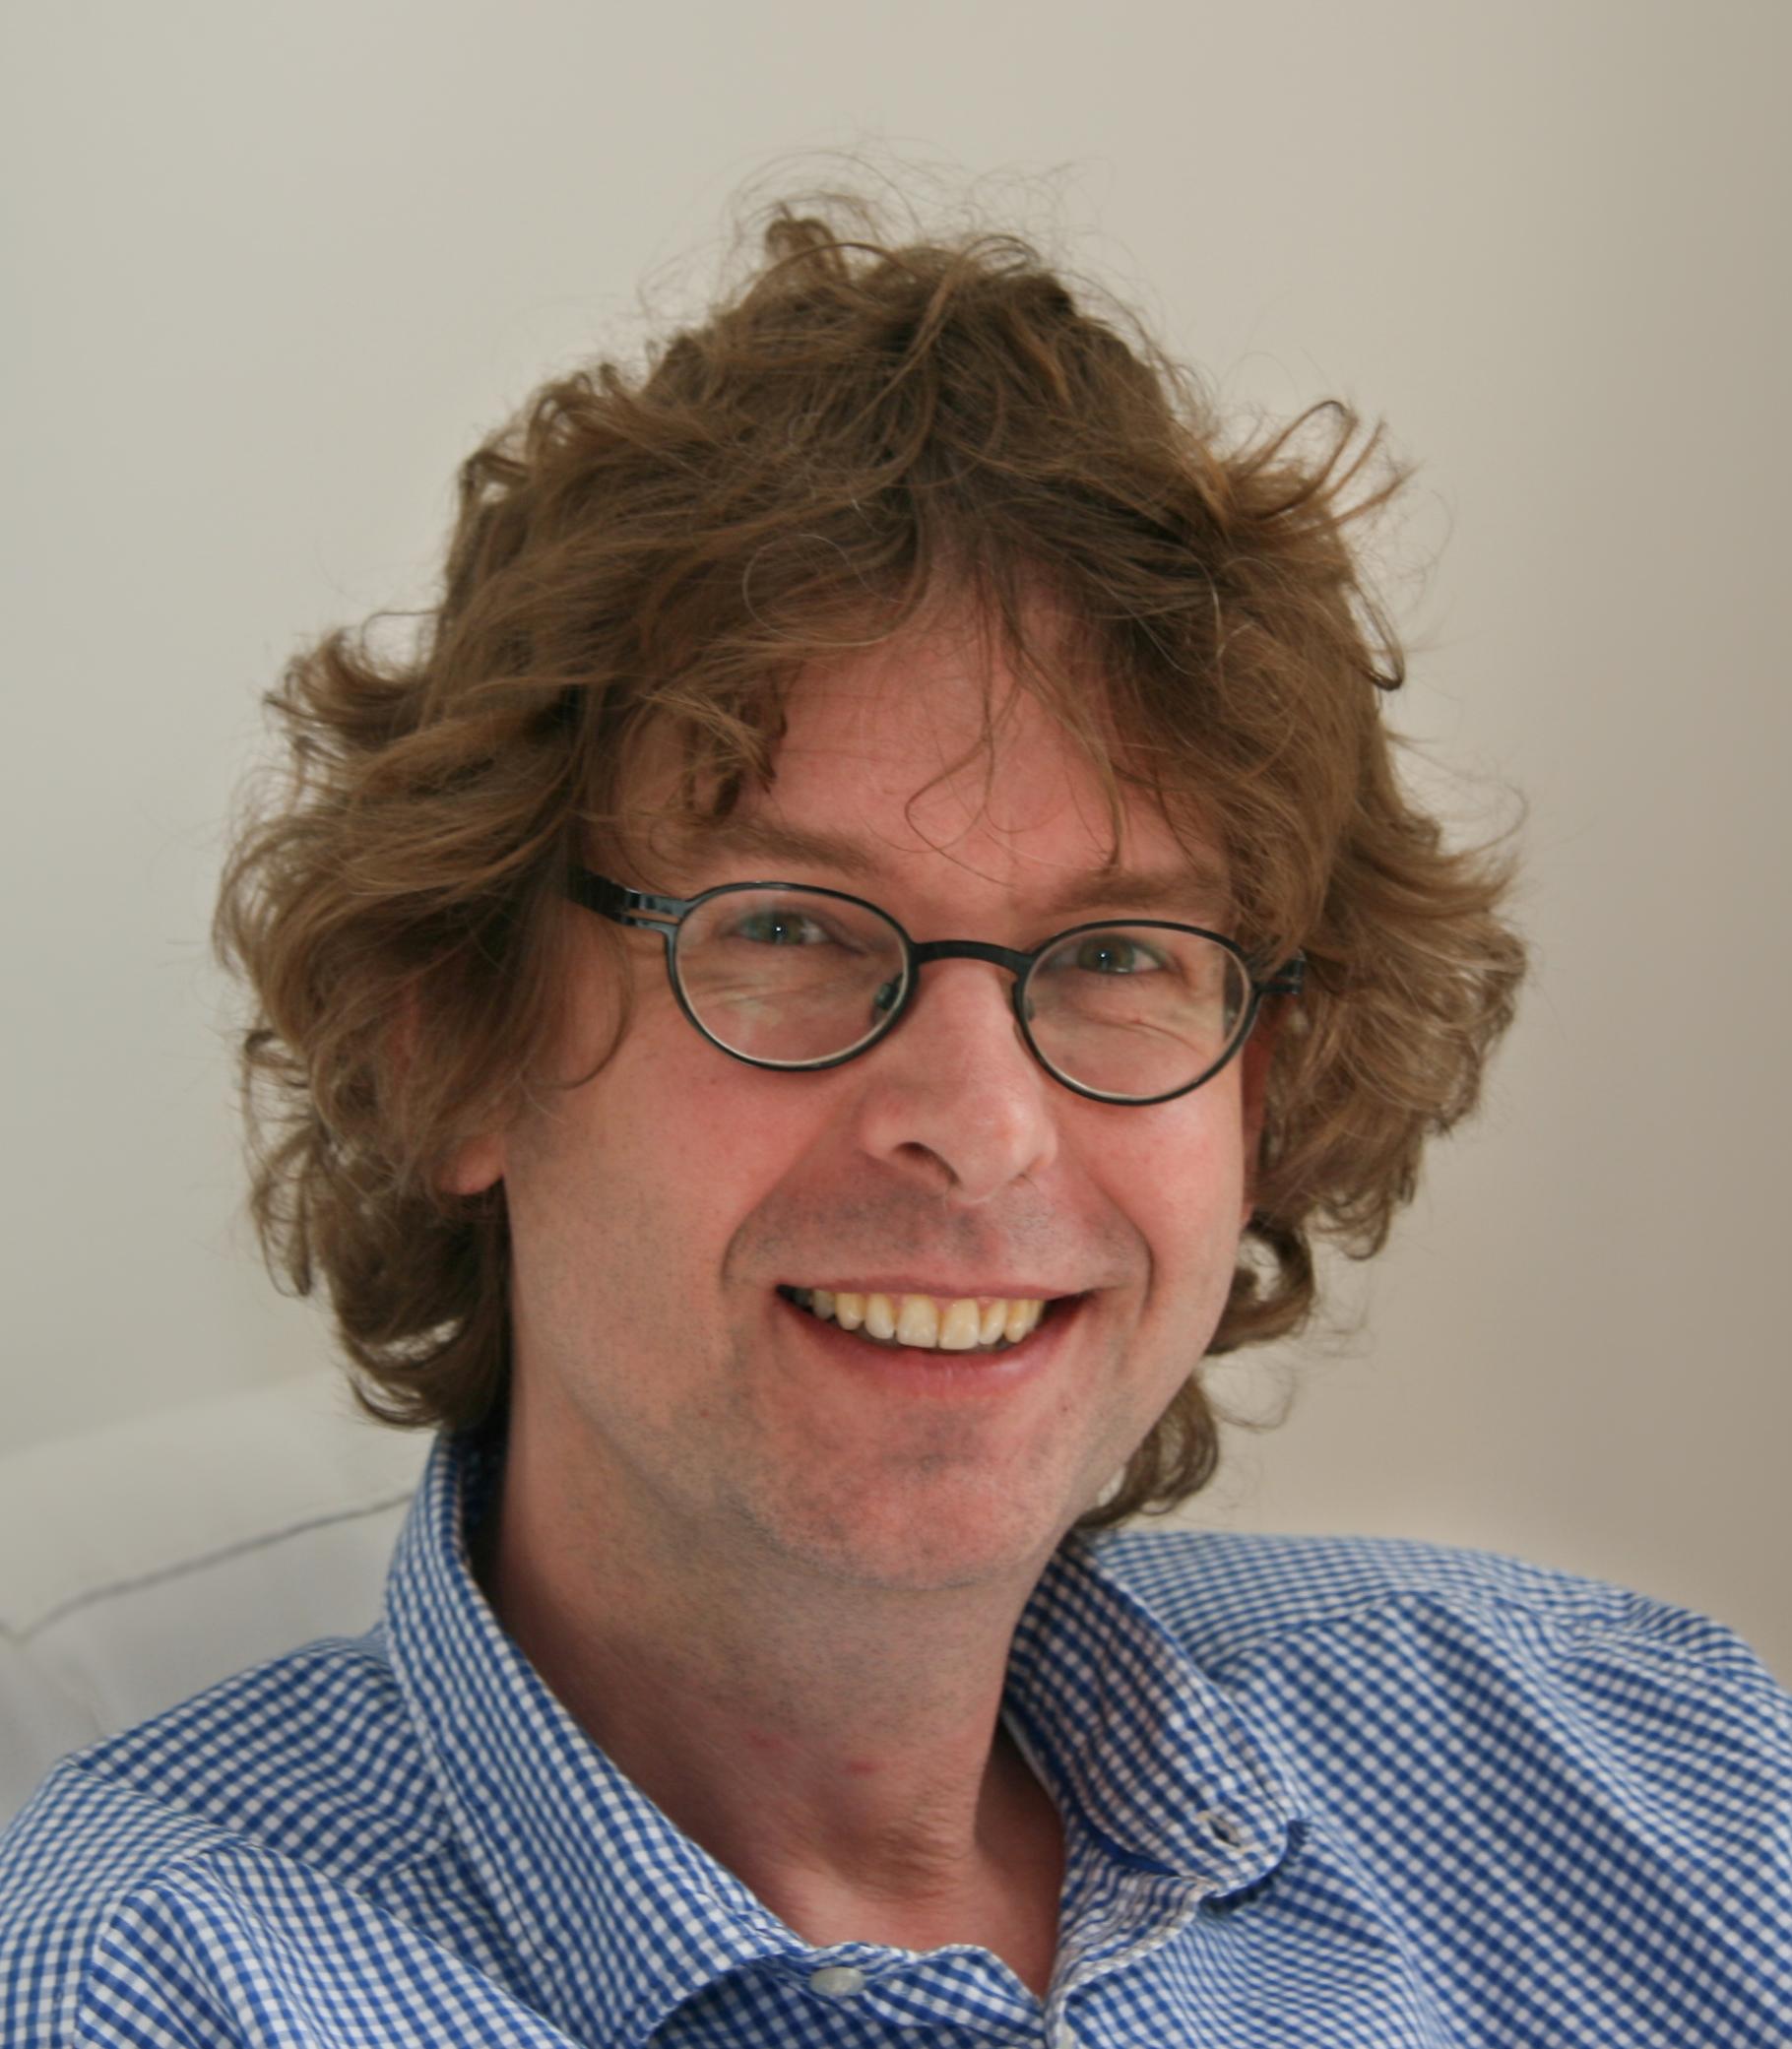 De trainer - Robert van Buuringen